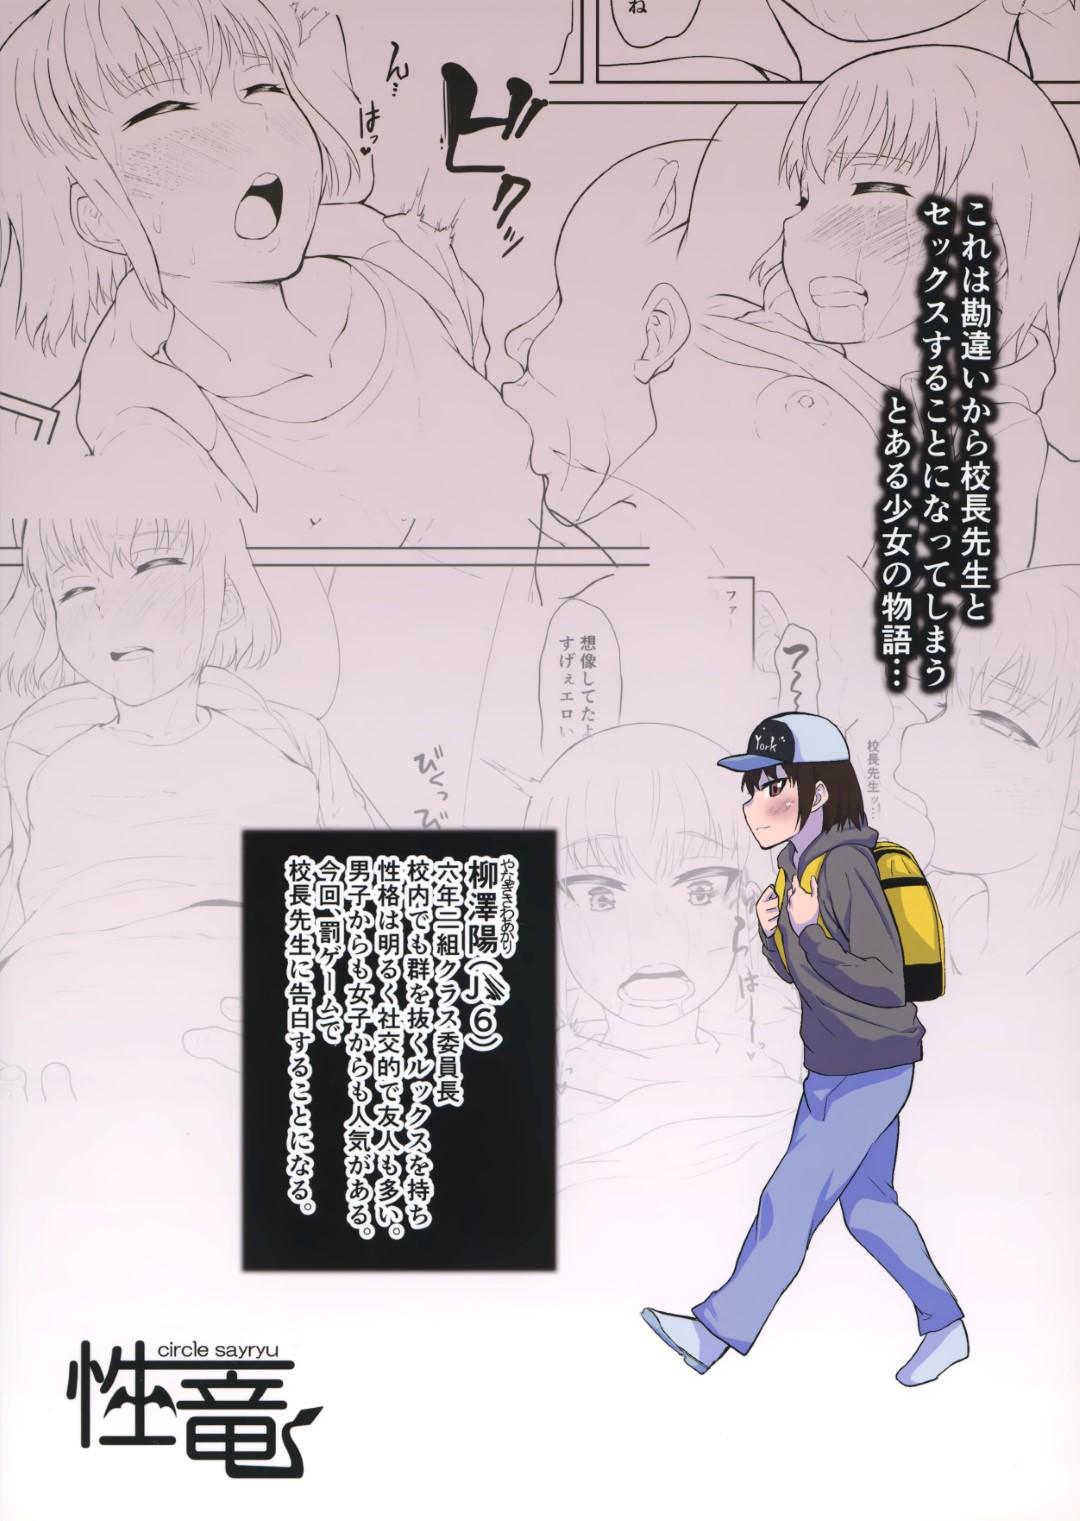 【エロ漫画】ロリコン童貞な校長に罰ゲームで告白する事になったロリ系娘…彼女の告白に真に受けた彼は彼女を強引に校長室へと連れ込んでレイプしてしまう!【性竜:校長先生と初めての交尾】